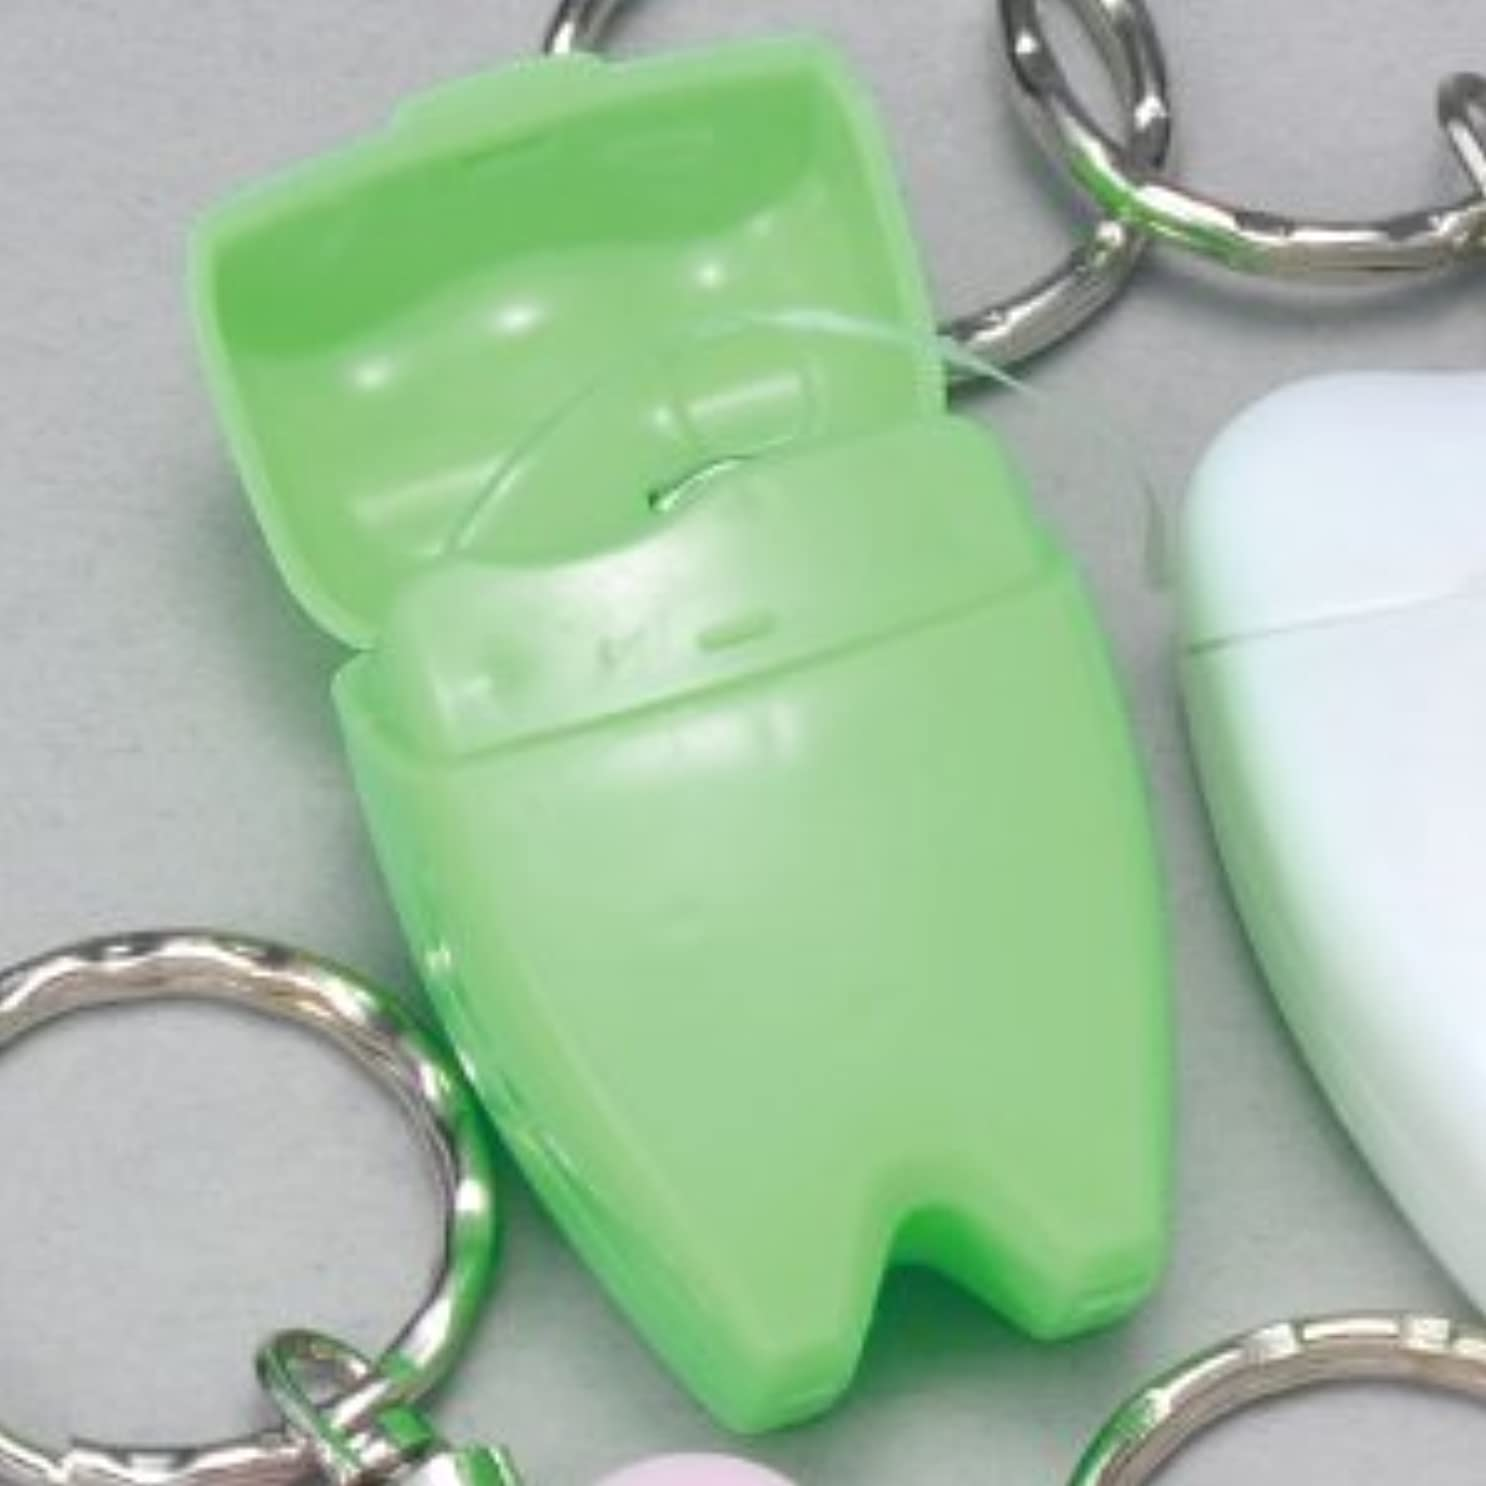 勘違いする救援セージ歯型デンタルフロス キーホルダー グリーン 1個